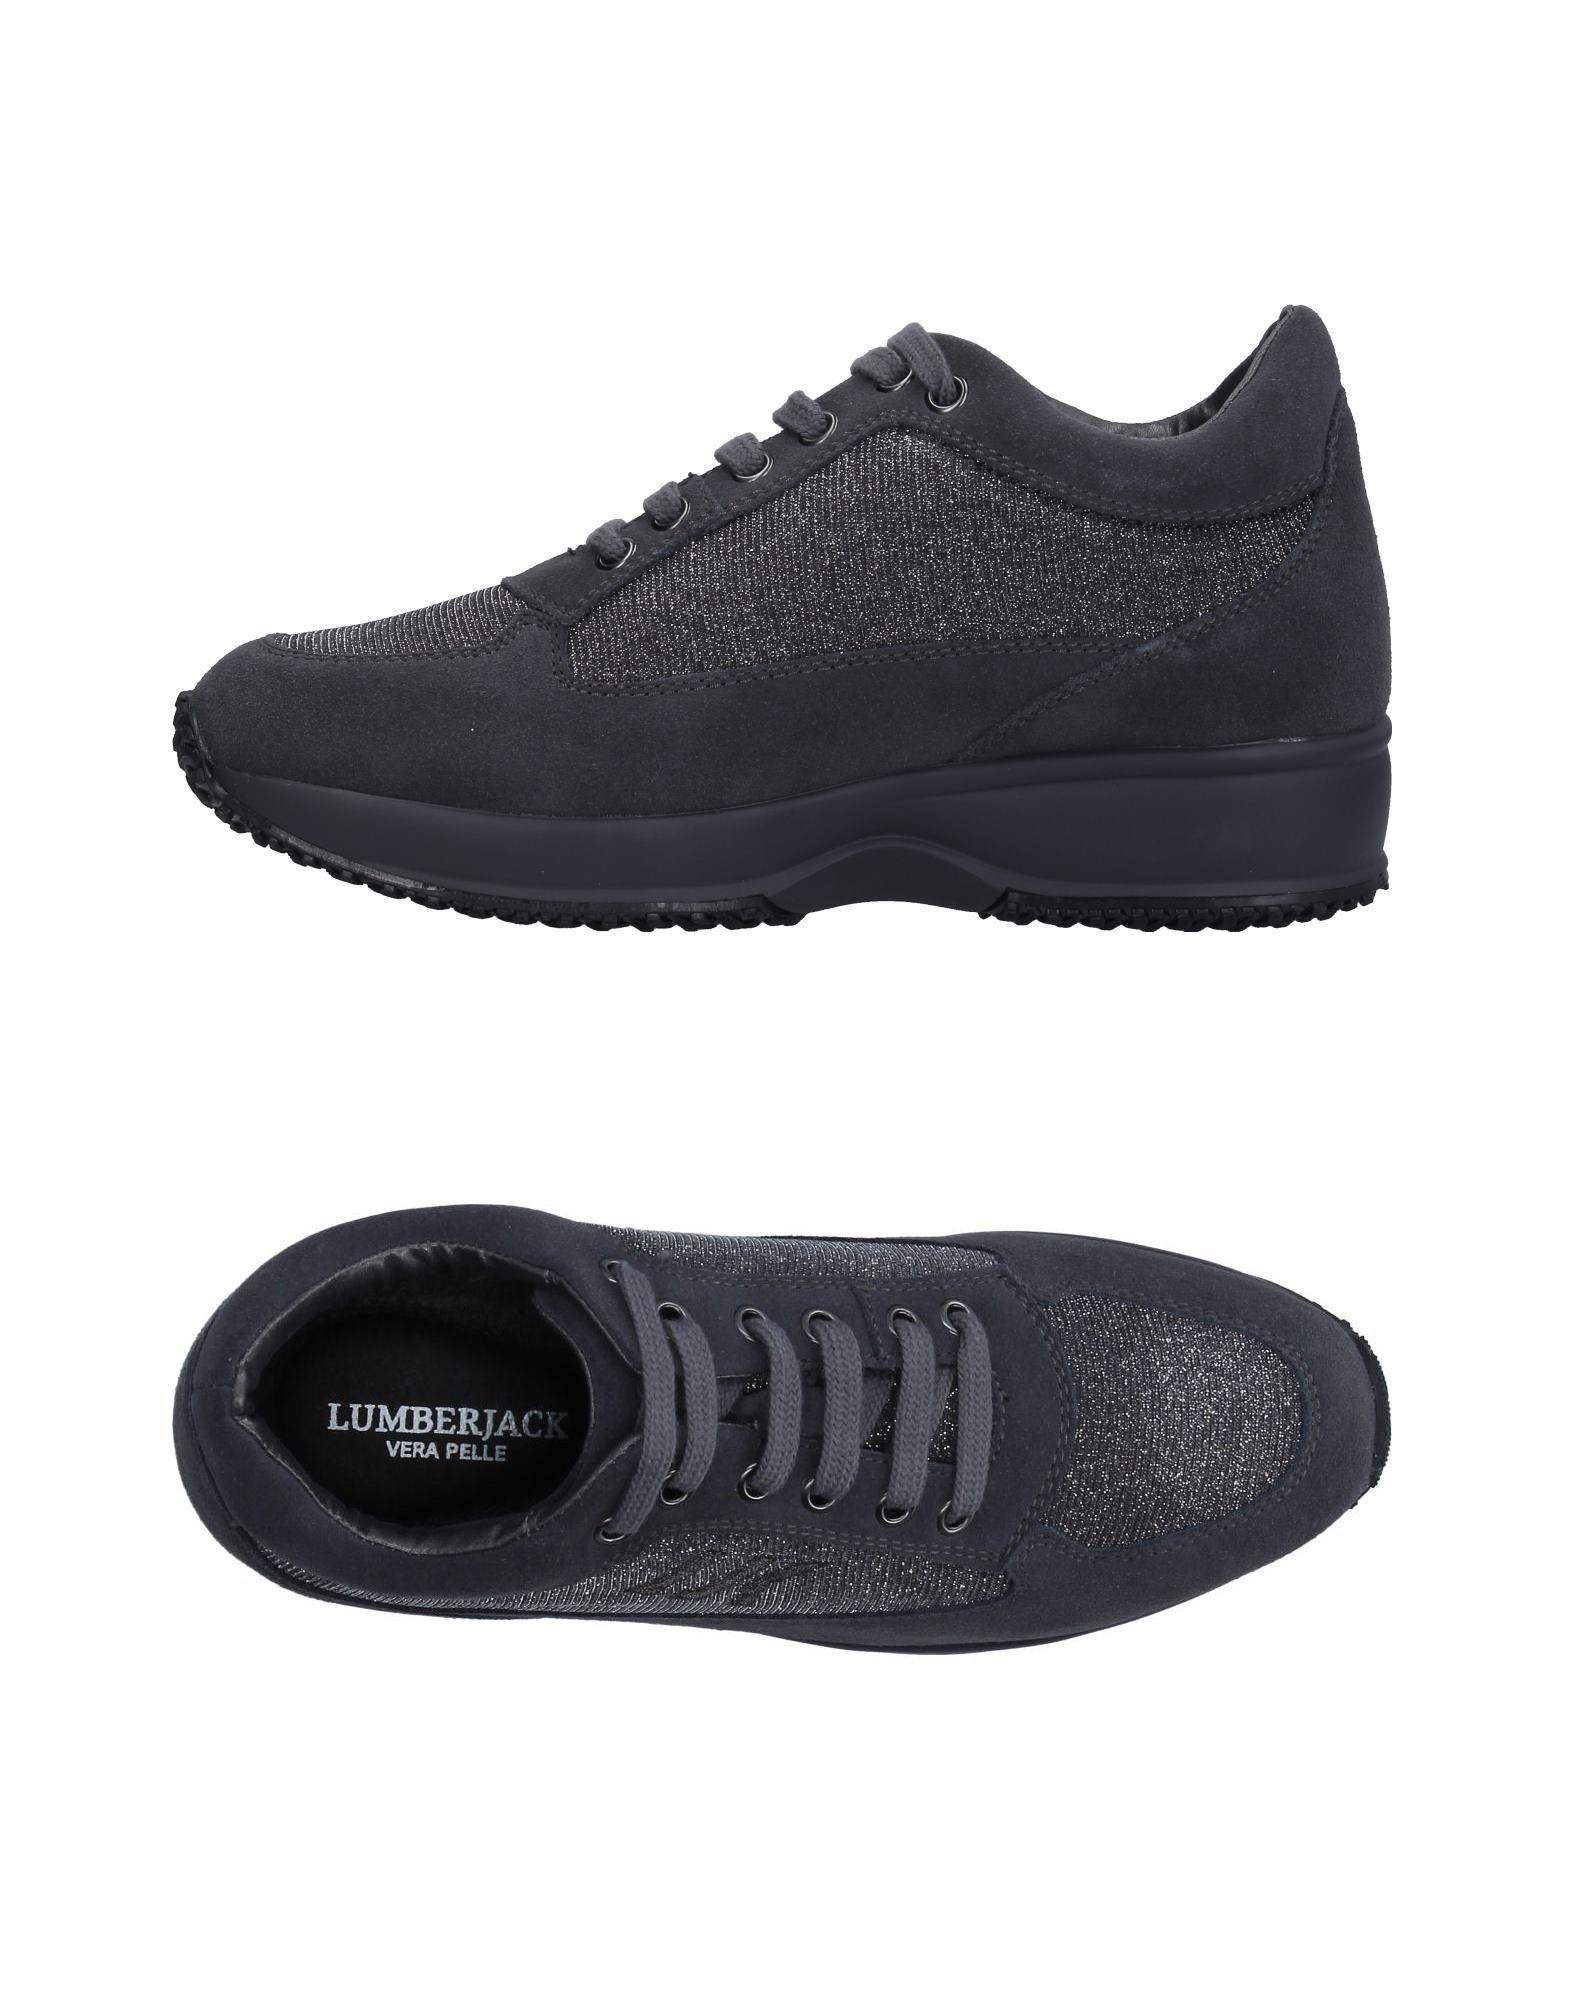 209c631a2520bc Lumberjack Sneakers - Women Lumberjack Sneakers online on YOOX ...